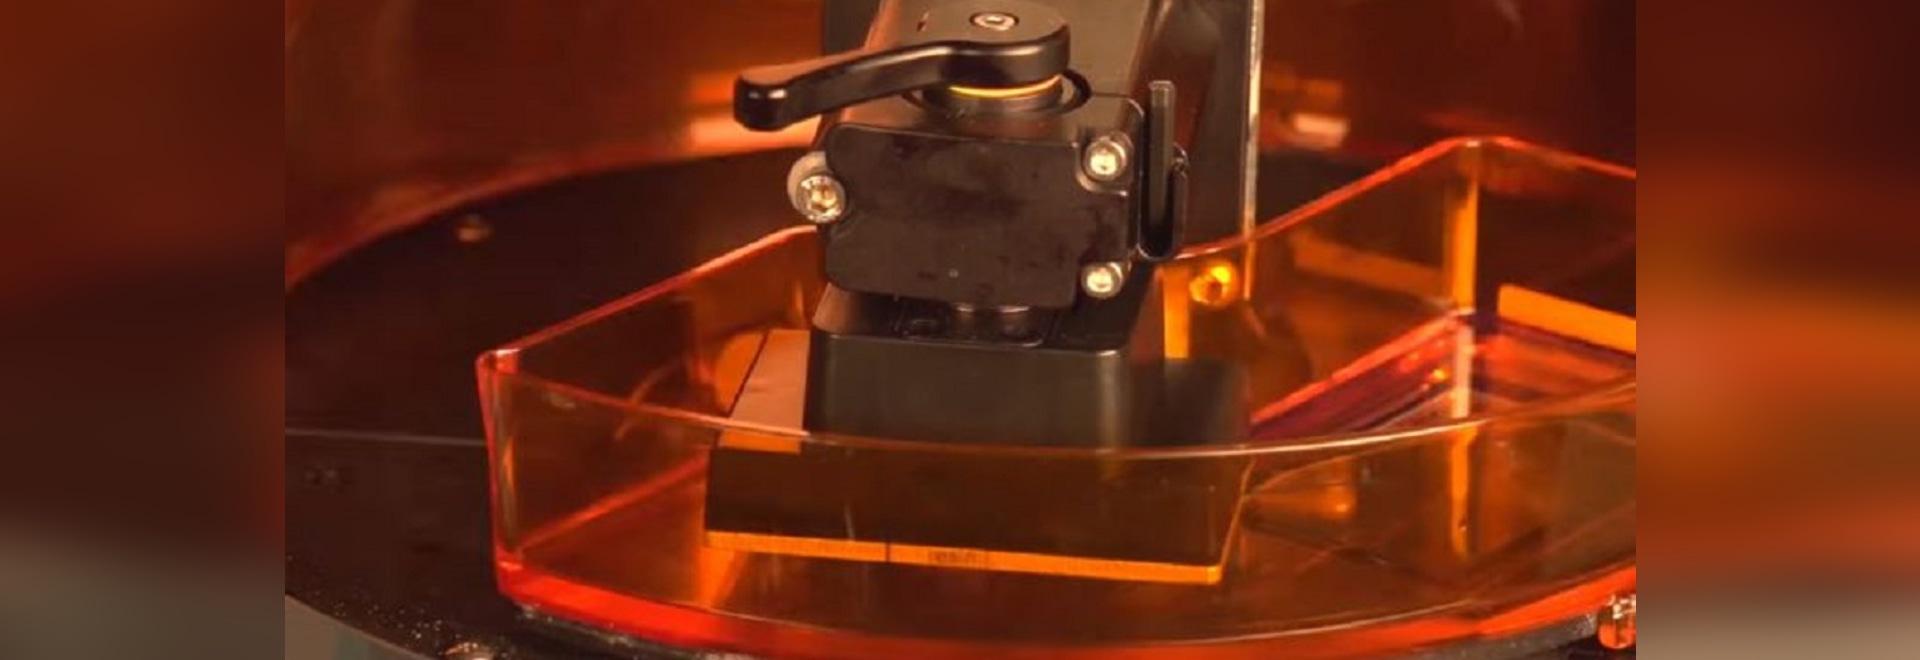 Technologie d'impression 3D